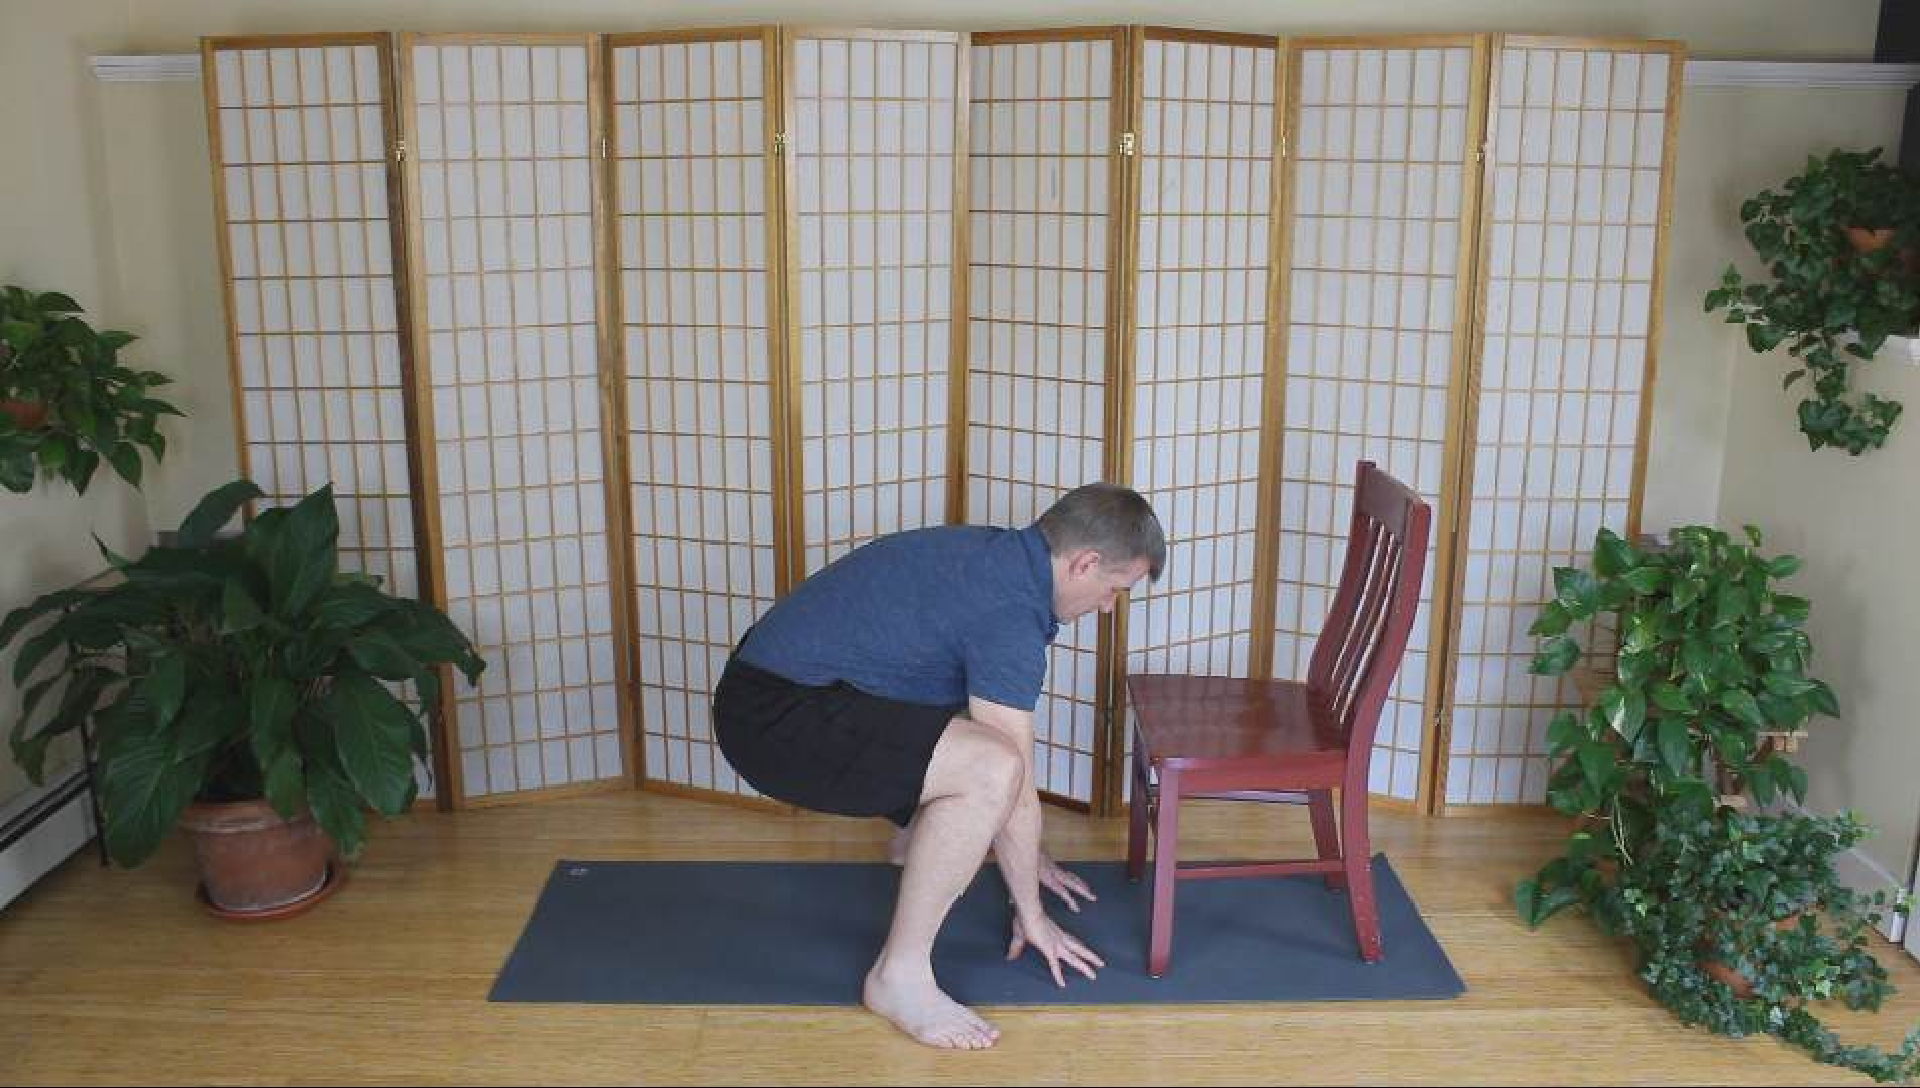 Beginning full squat position